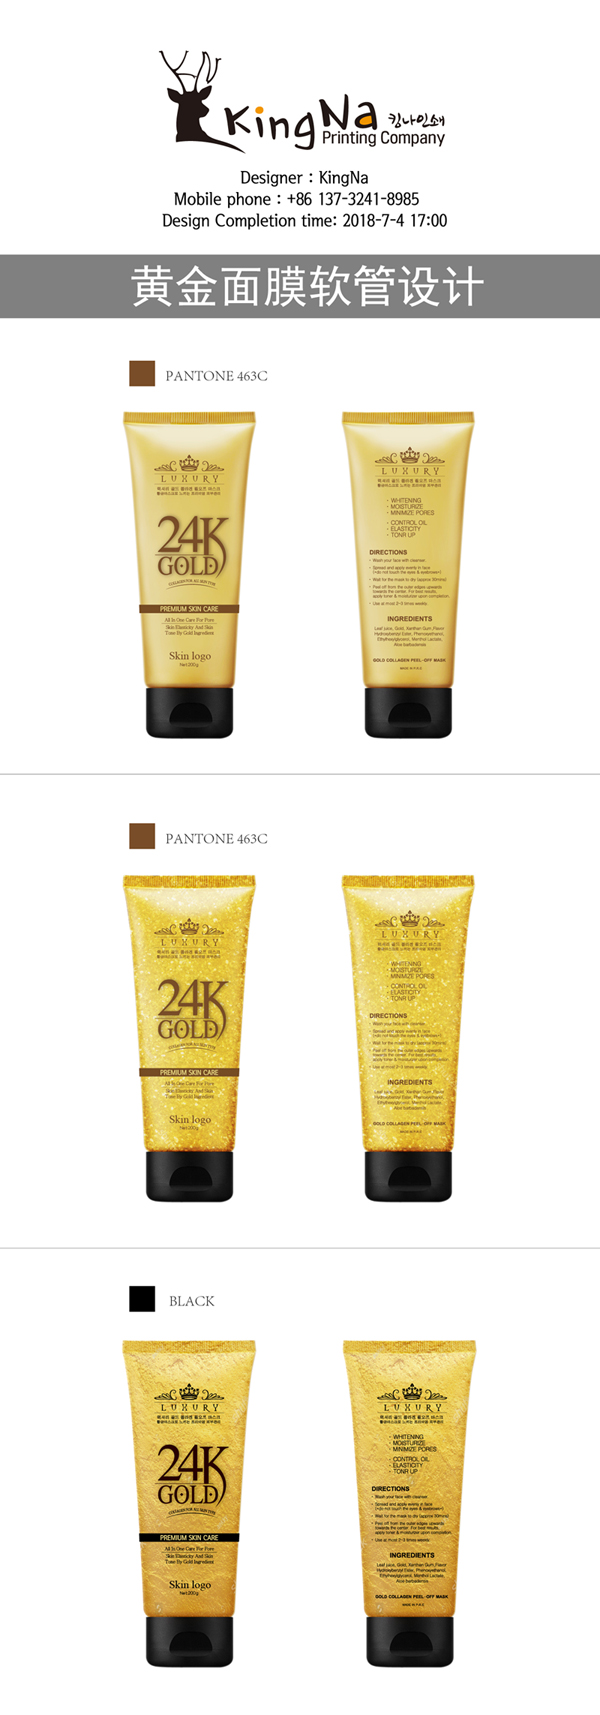 韩国黄金面膜化妆品软管设计